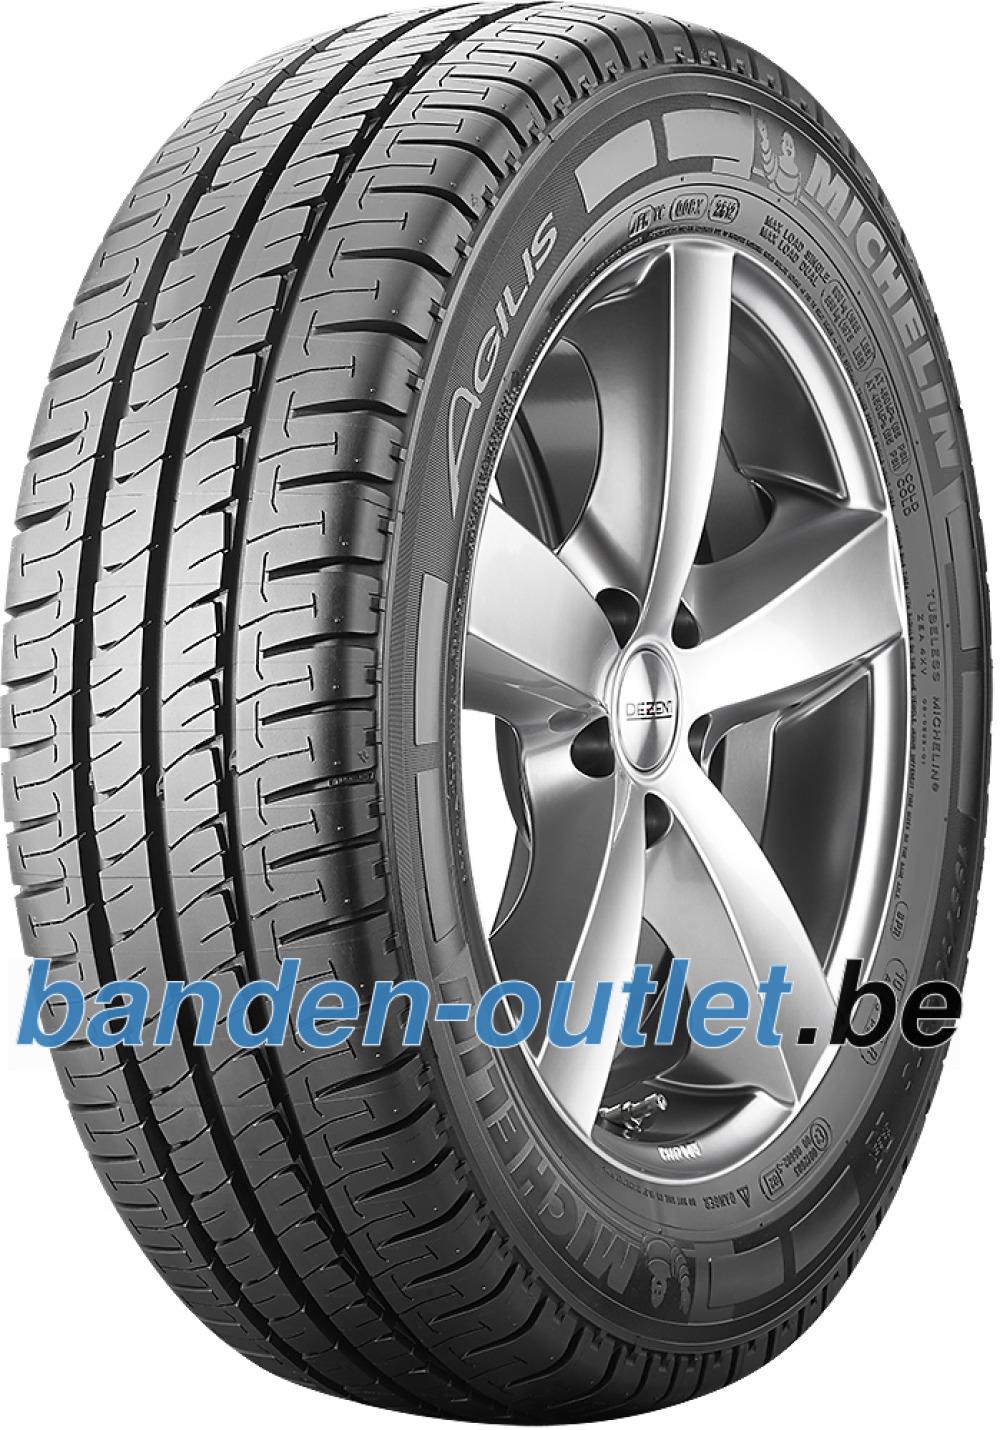 Michelin Agilis+ ( 235/65 R16C 115/113R S1 )